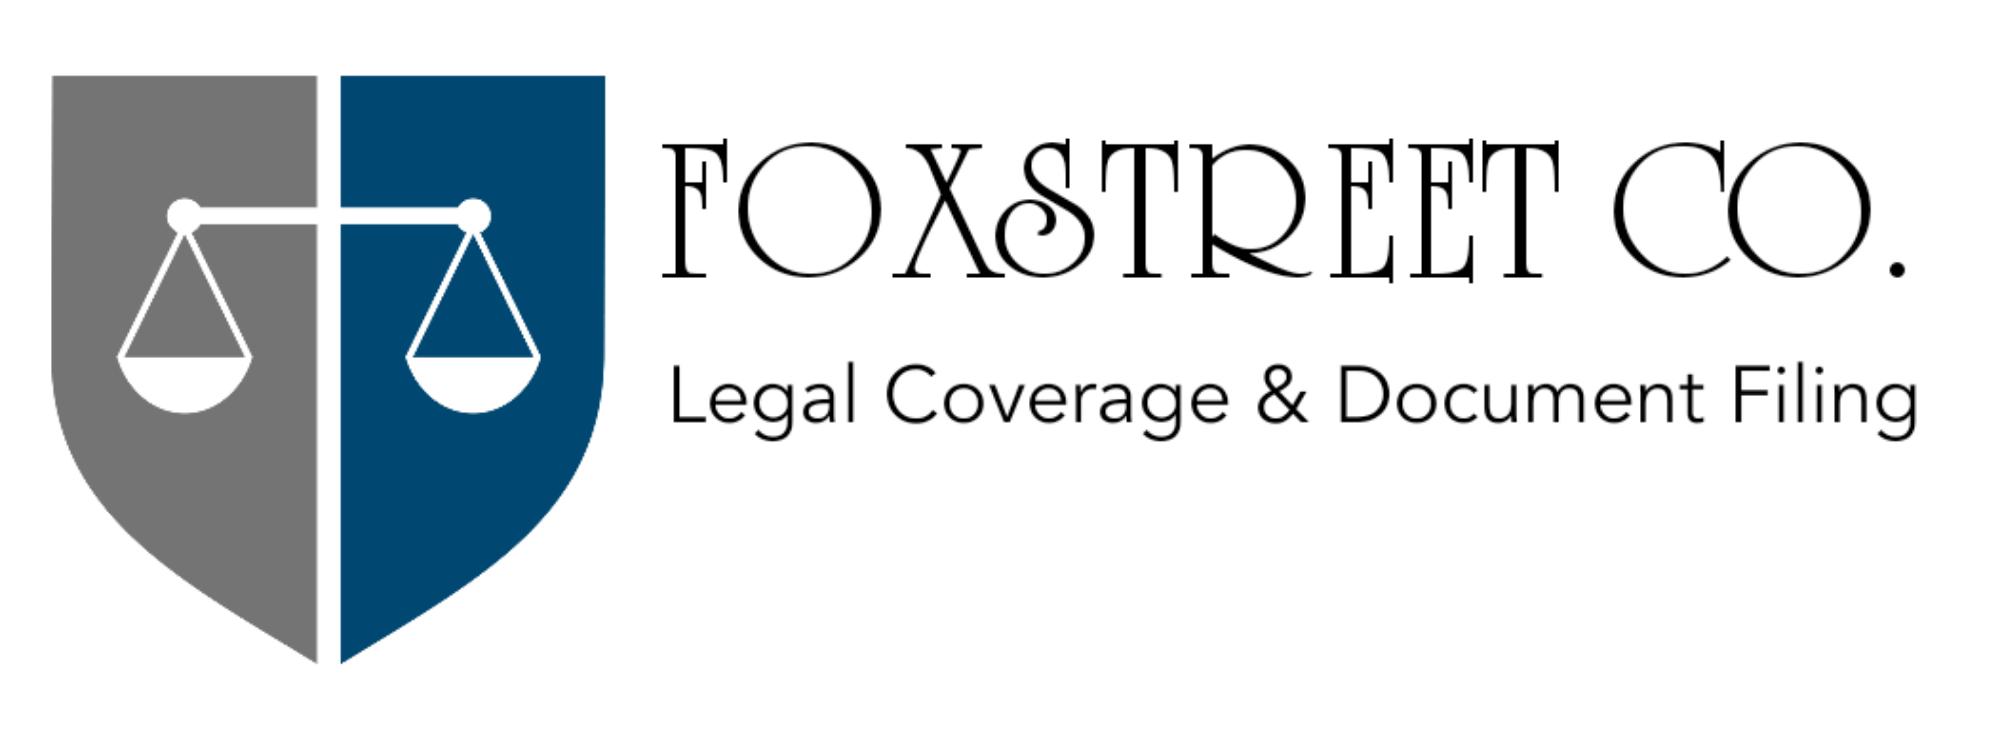 Foxstreet Co.